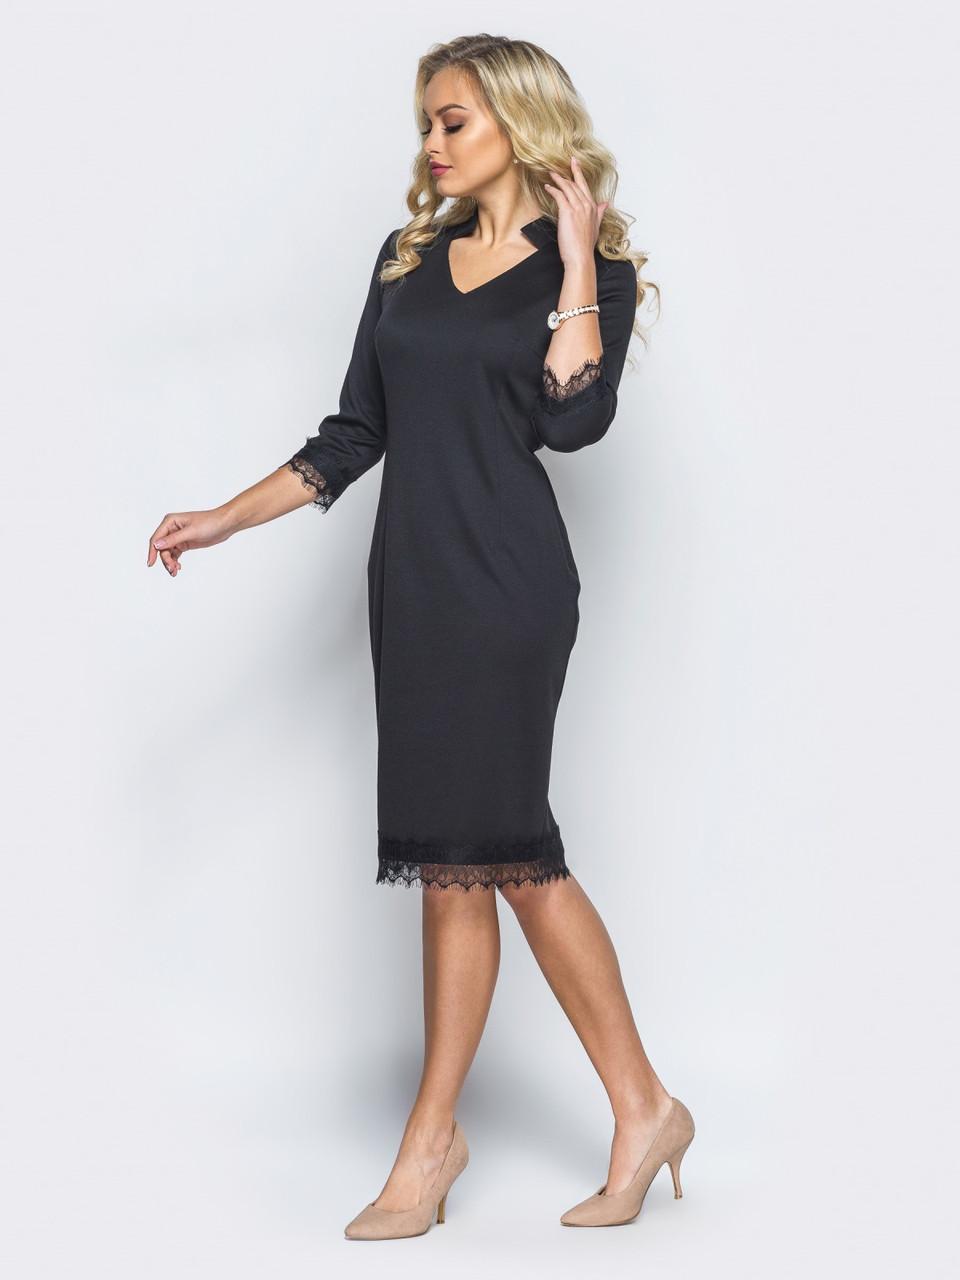 c40b13f481b ... Черное элегантное трикотажное платье-миди большие размеры р.44